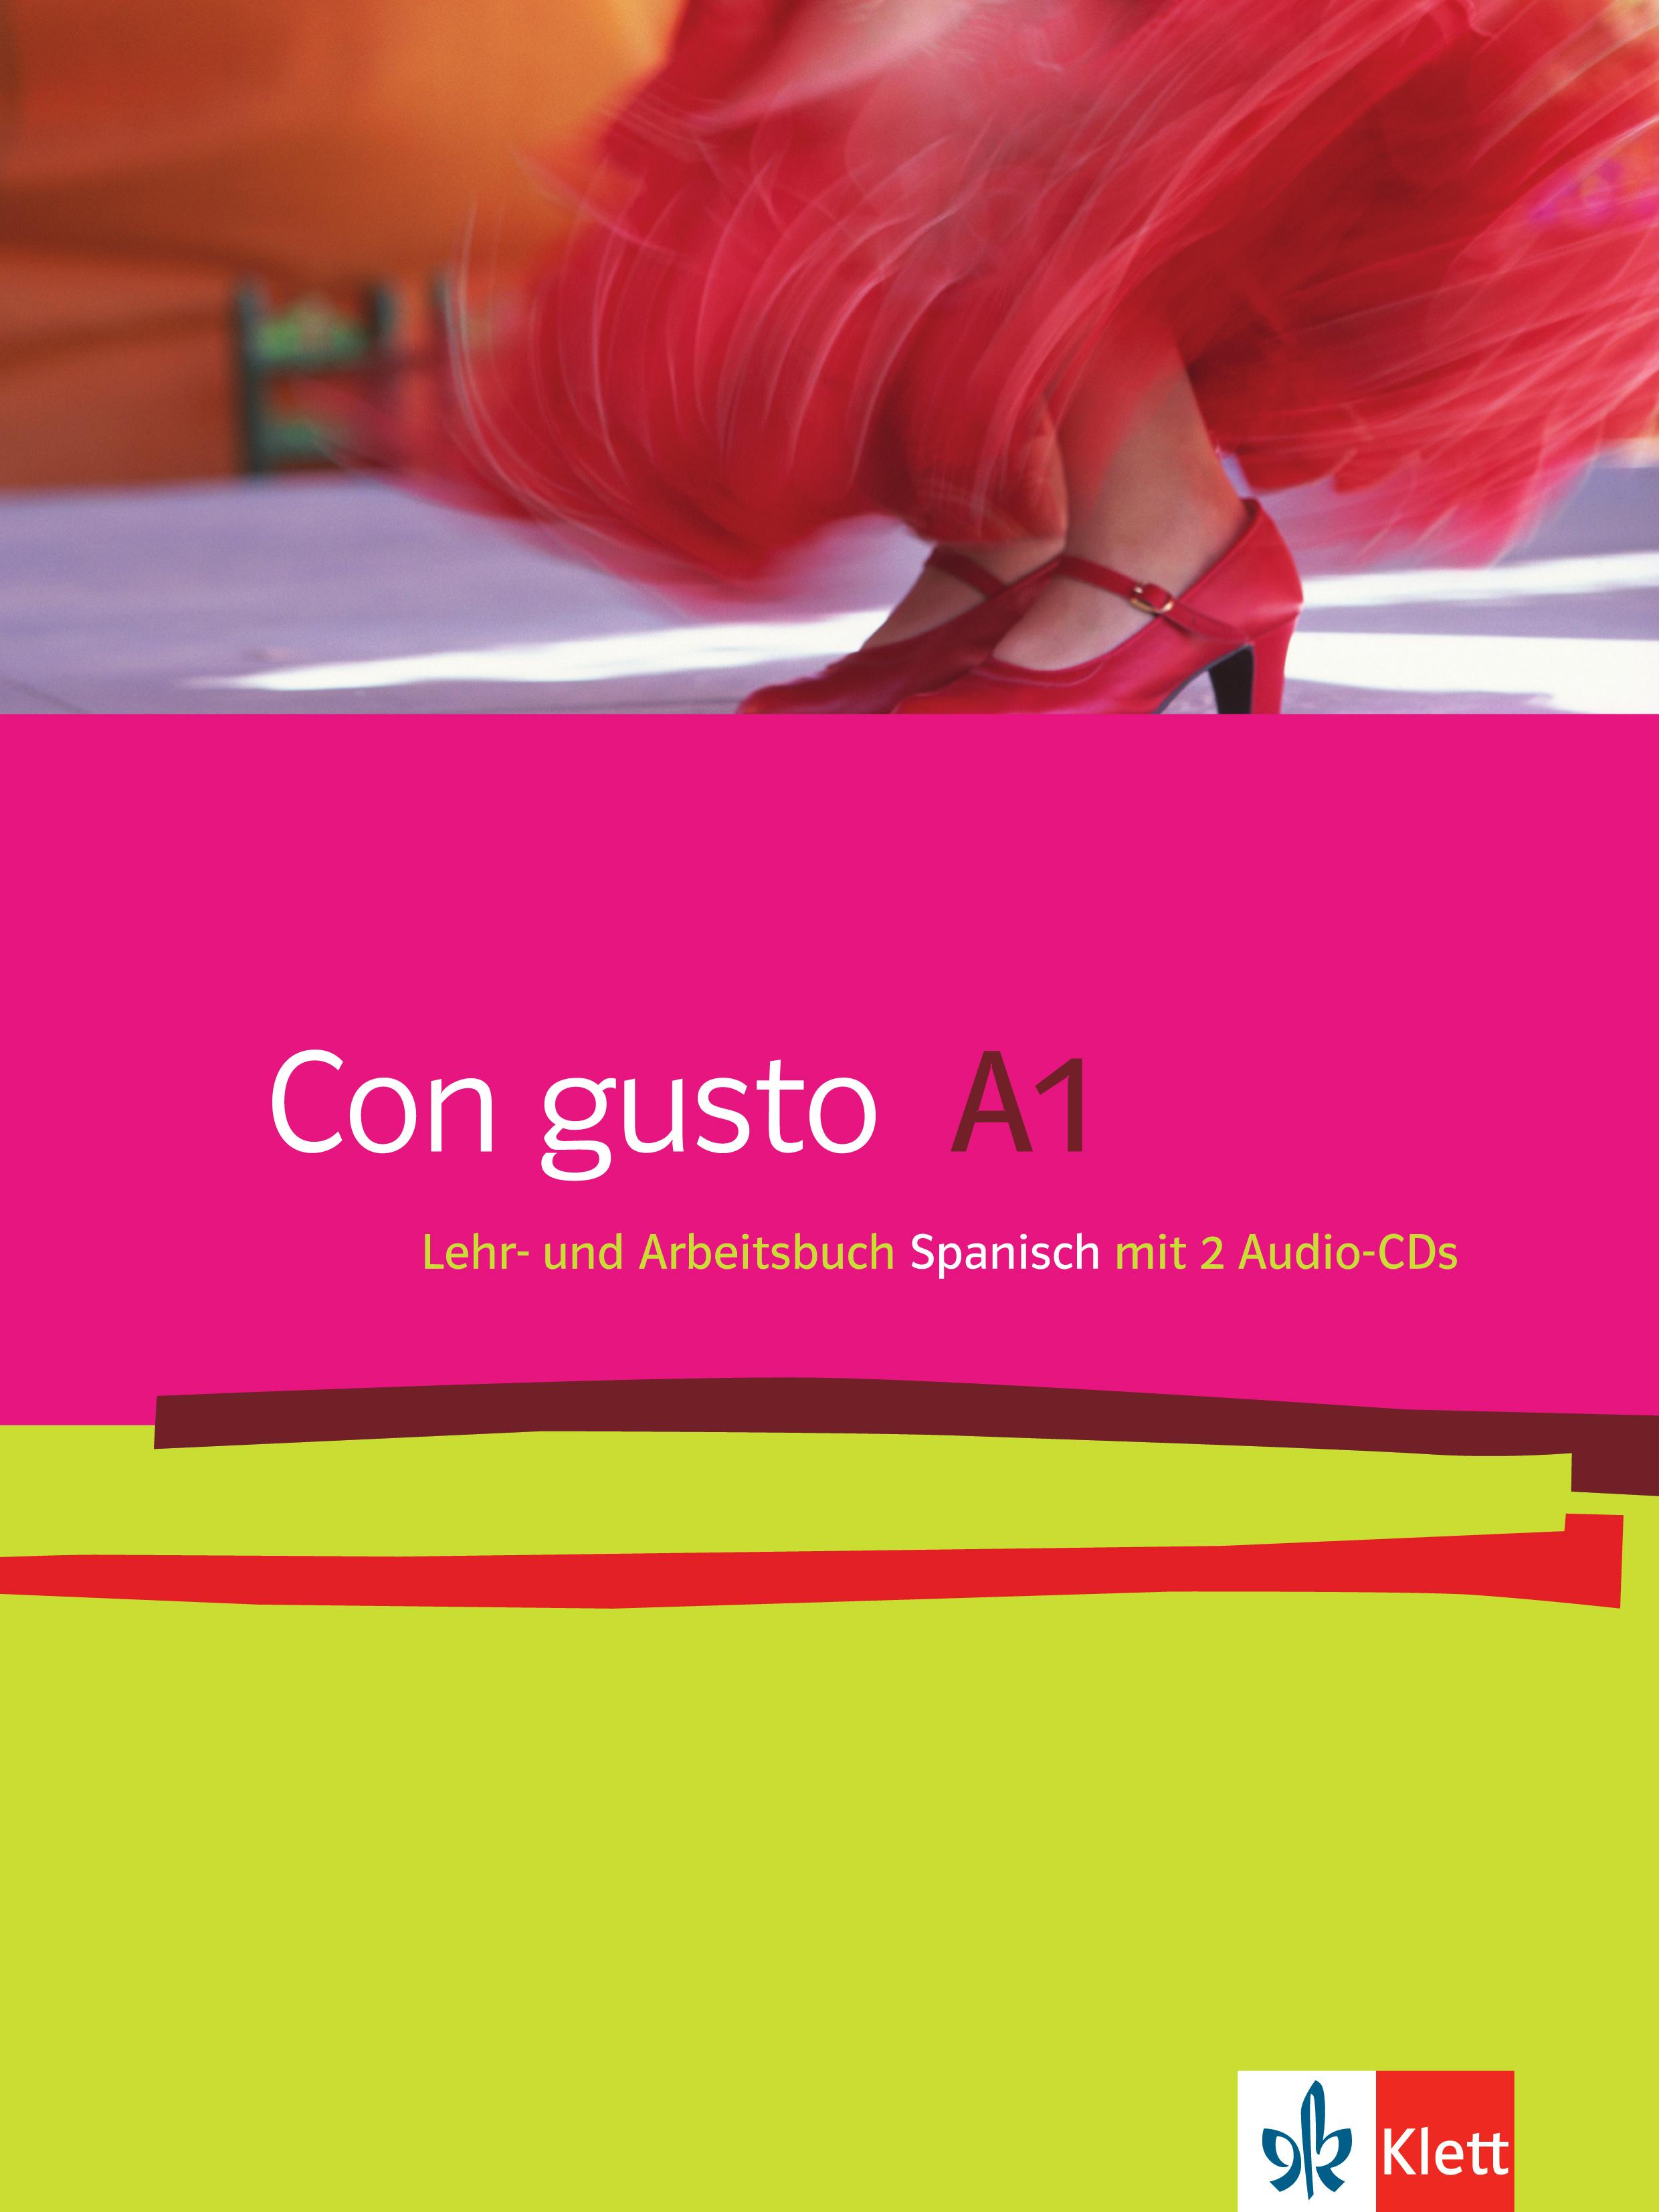 Con gusto | Lehrwerk | Spanisch | Klett Sprachen